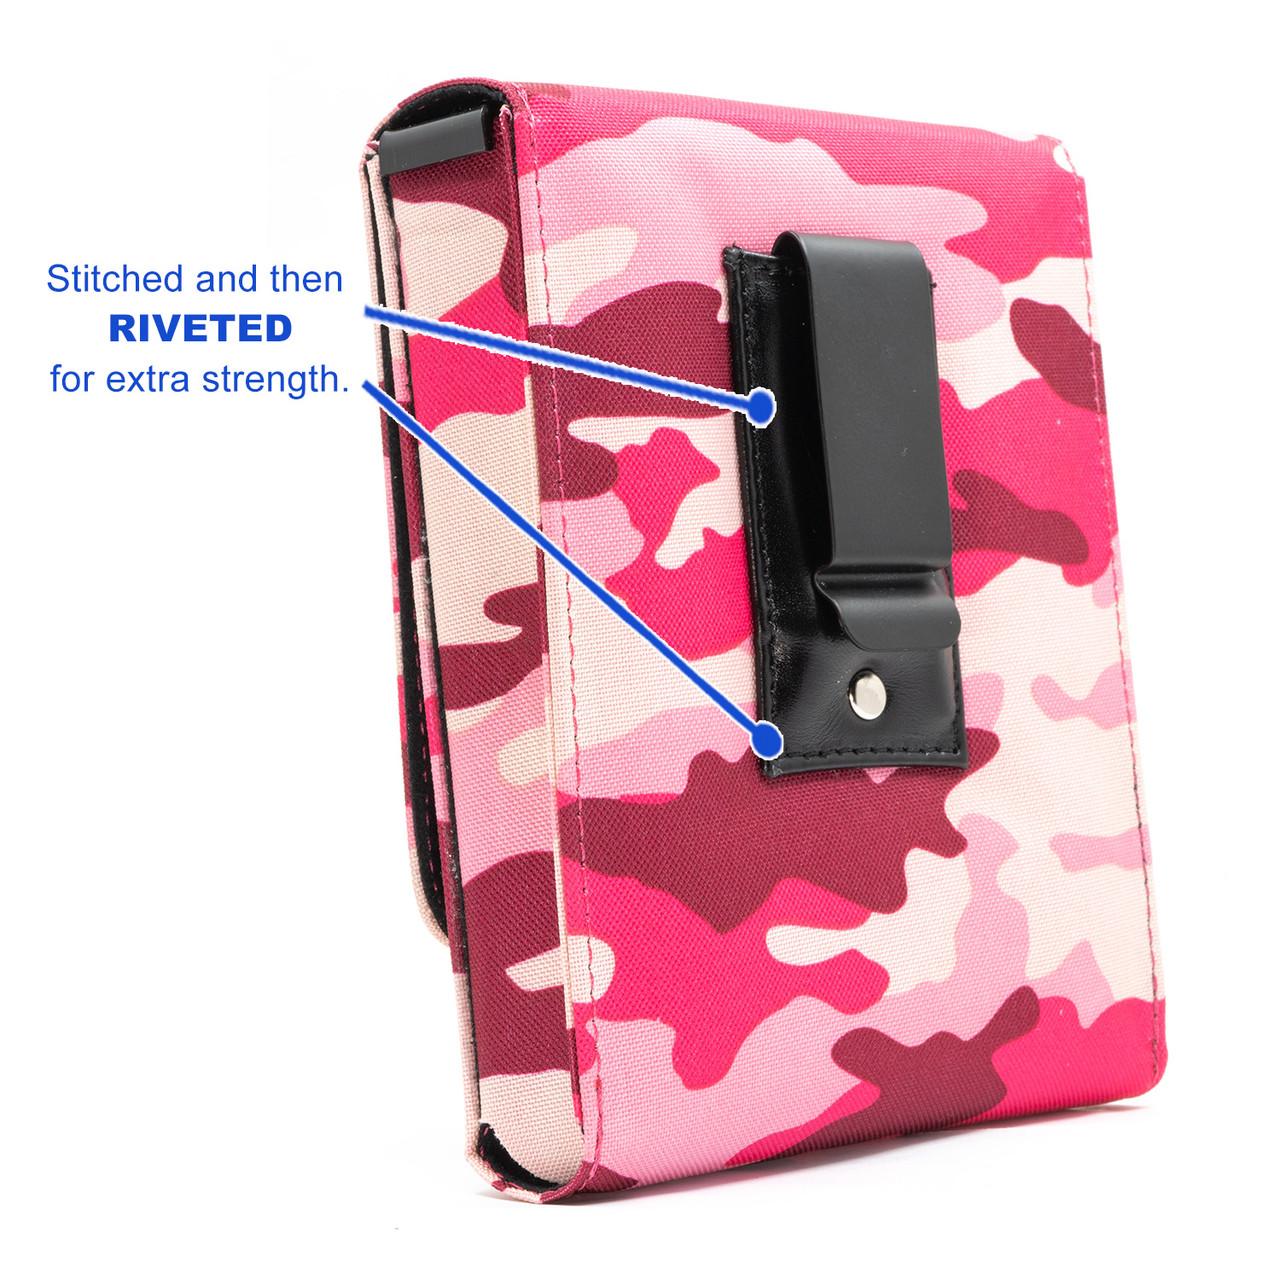 Colt Lightweight Defender Pink Camouflage Series Holster